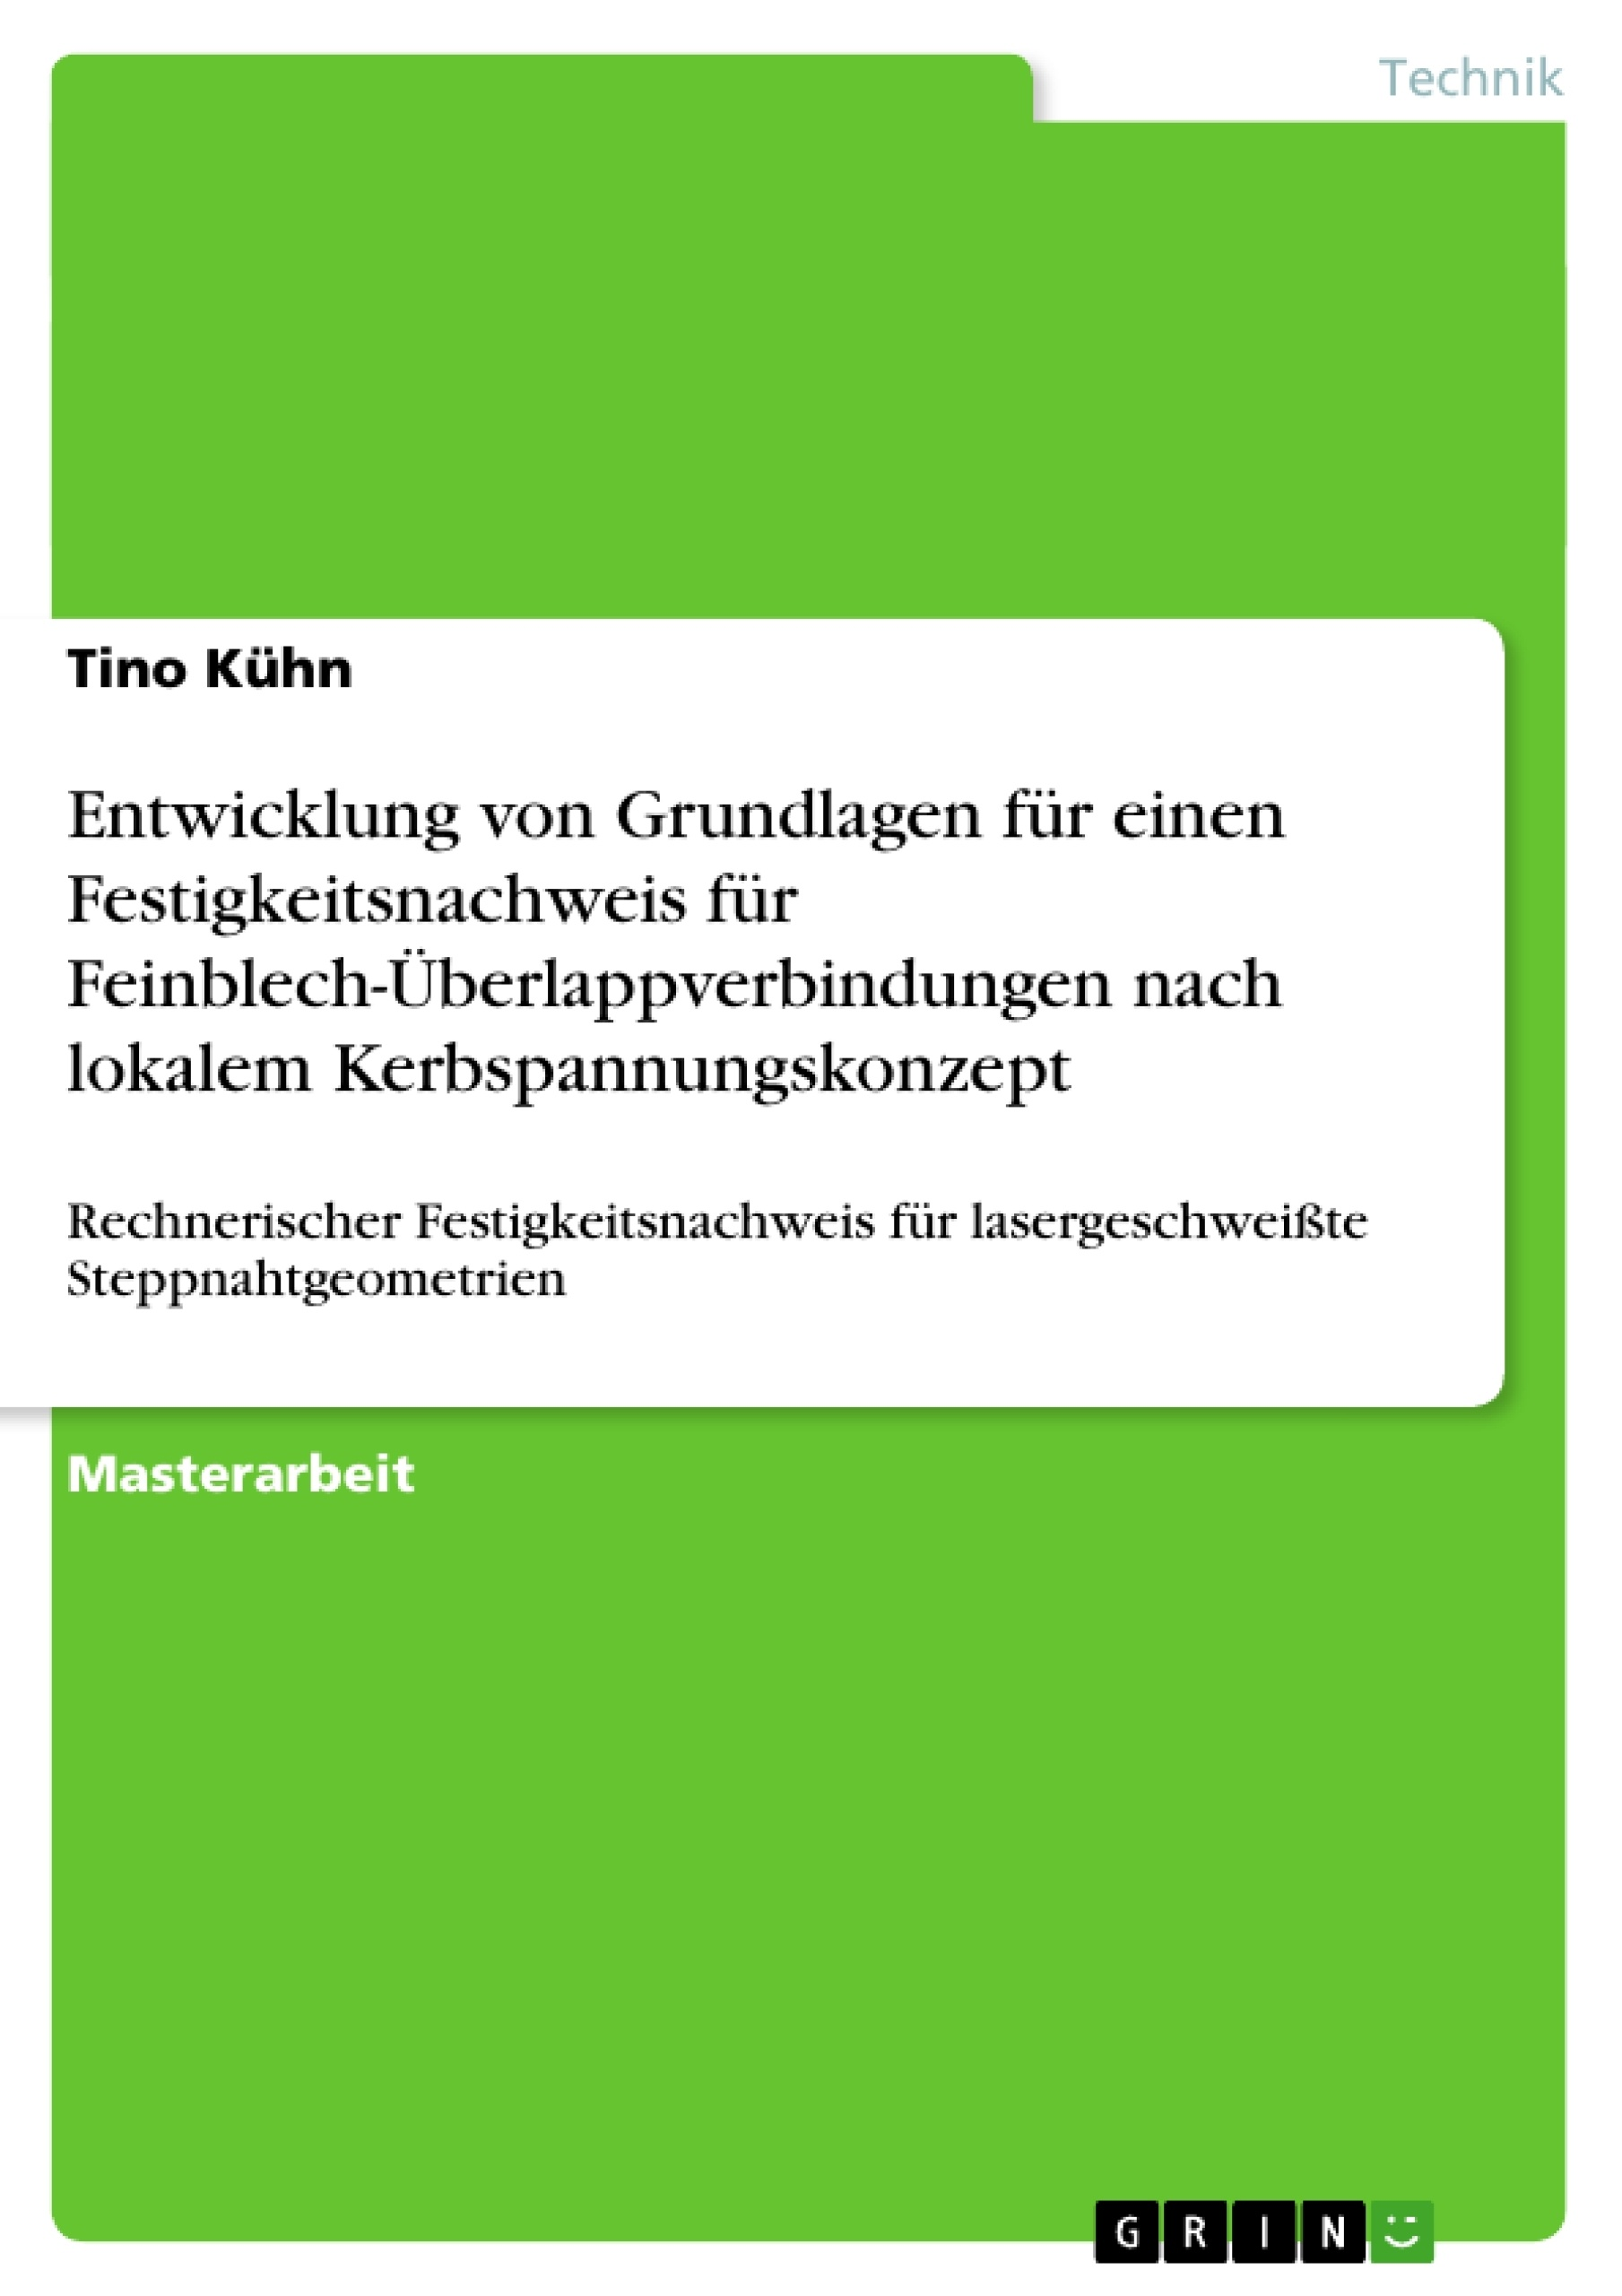 Titel: Entwicklung von Grundlagen für einen Festigkeitsnachweis für Feinblech-Überlappverbindungen nach lokalem Kerbspannungskonzept